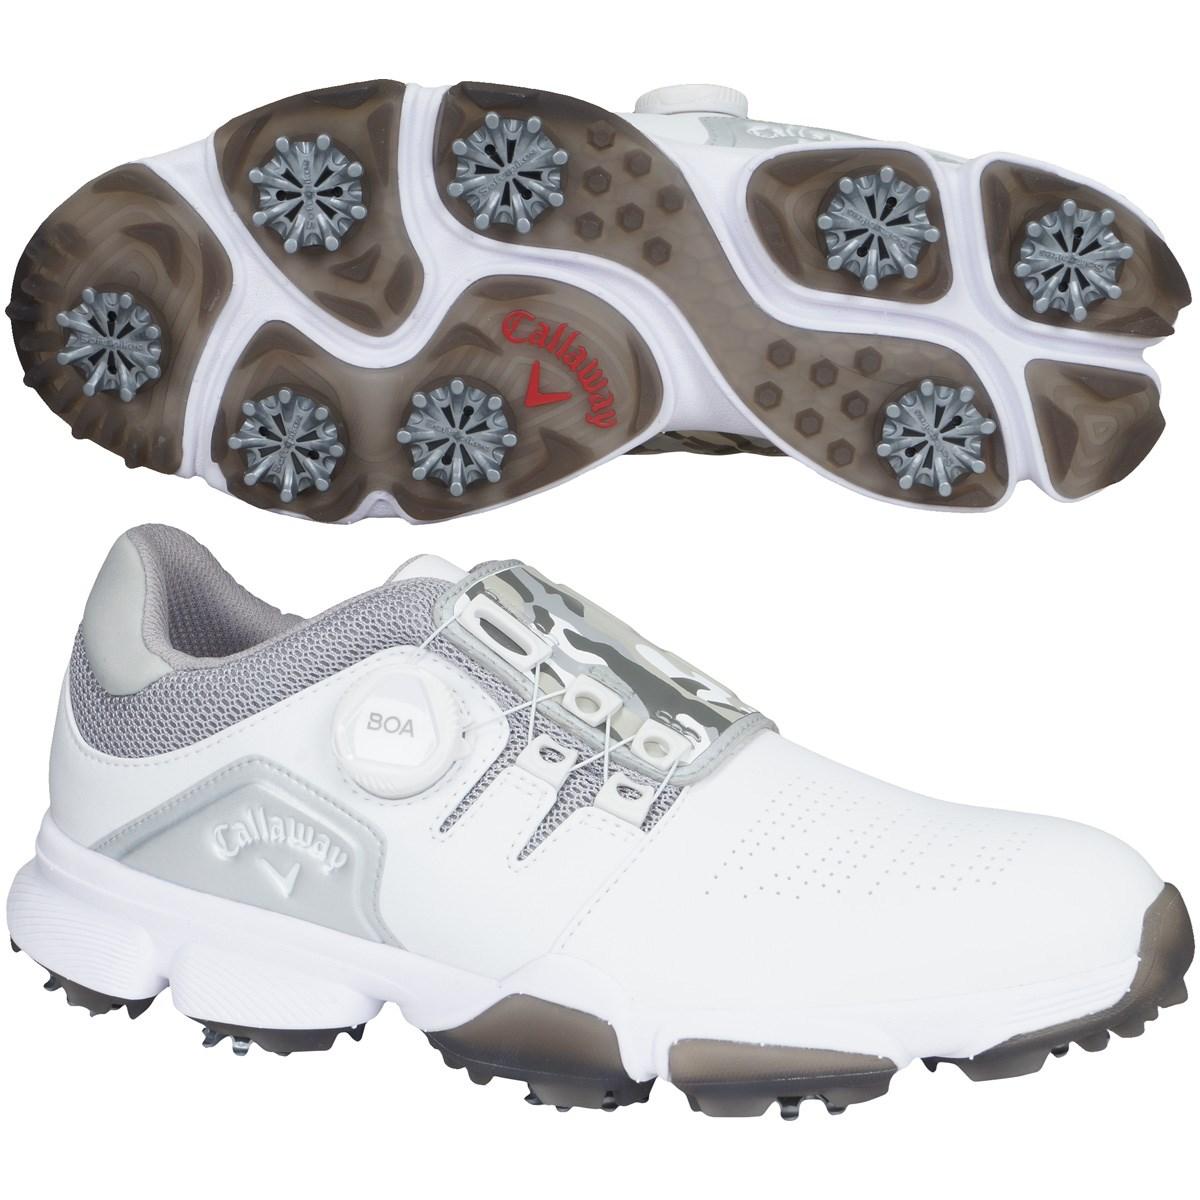 キャロウェイゴルフ(Callaway Golf) HYPERCHEV BOA 18 ゴルフシューズ